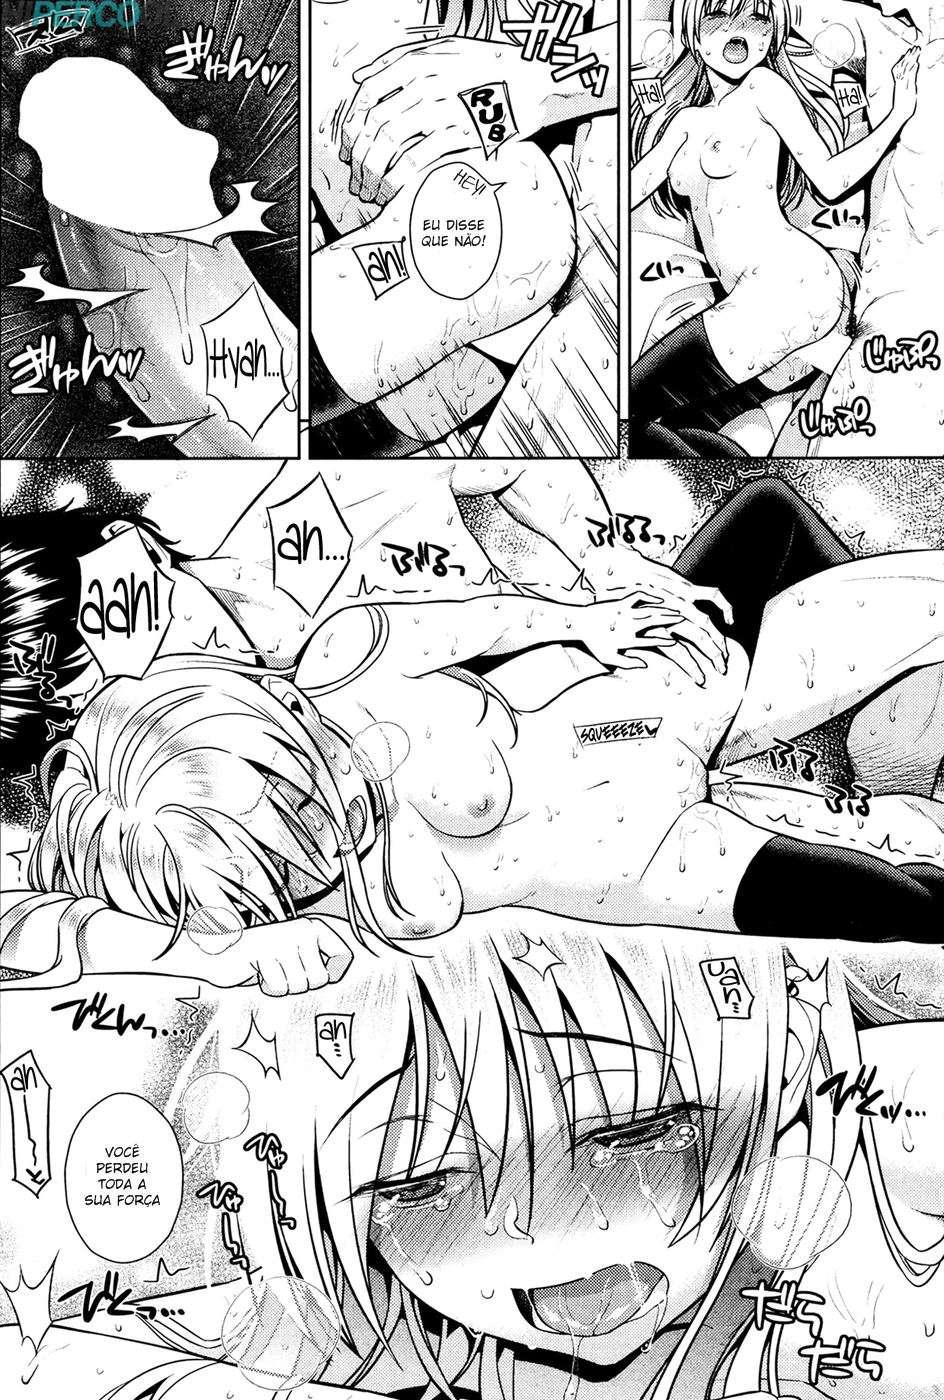 HentaiHome-Não-vamos-fazer-sexo-imediatamente-15